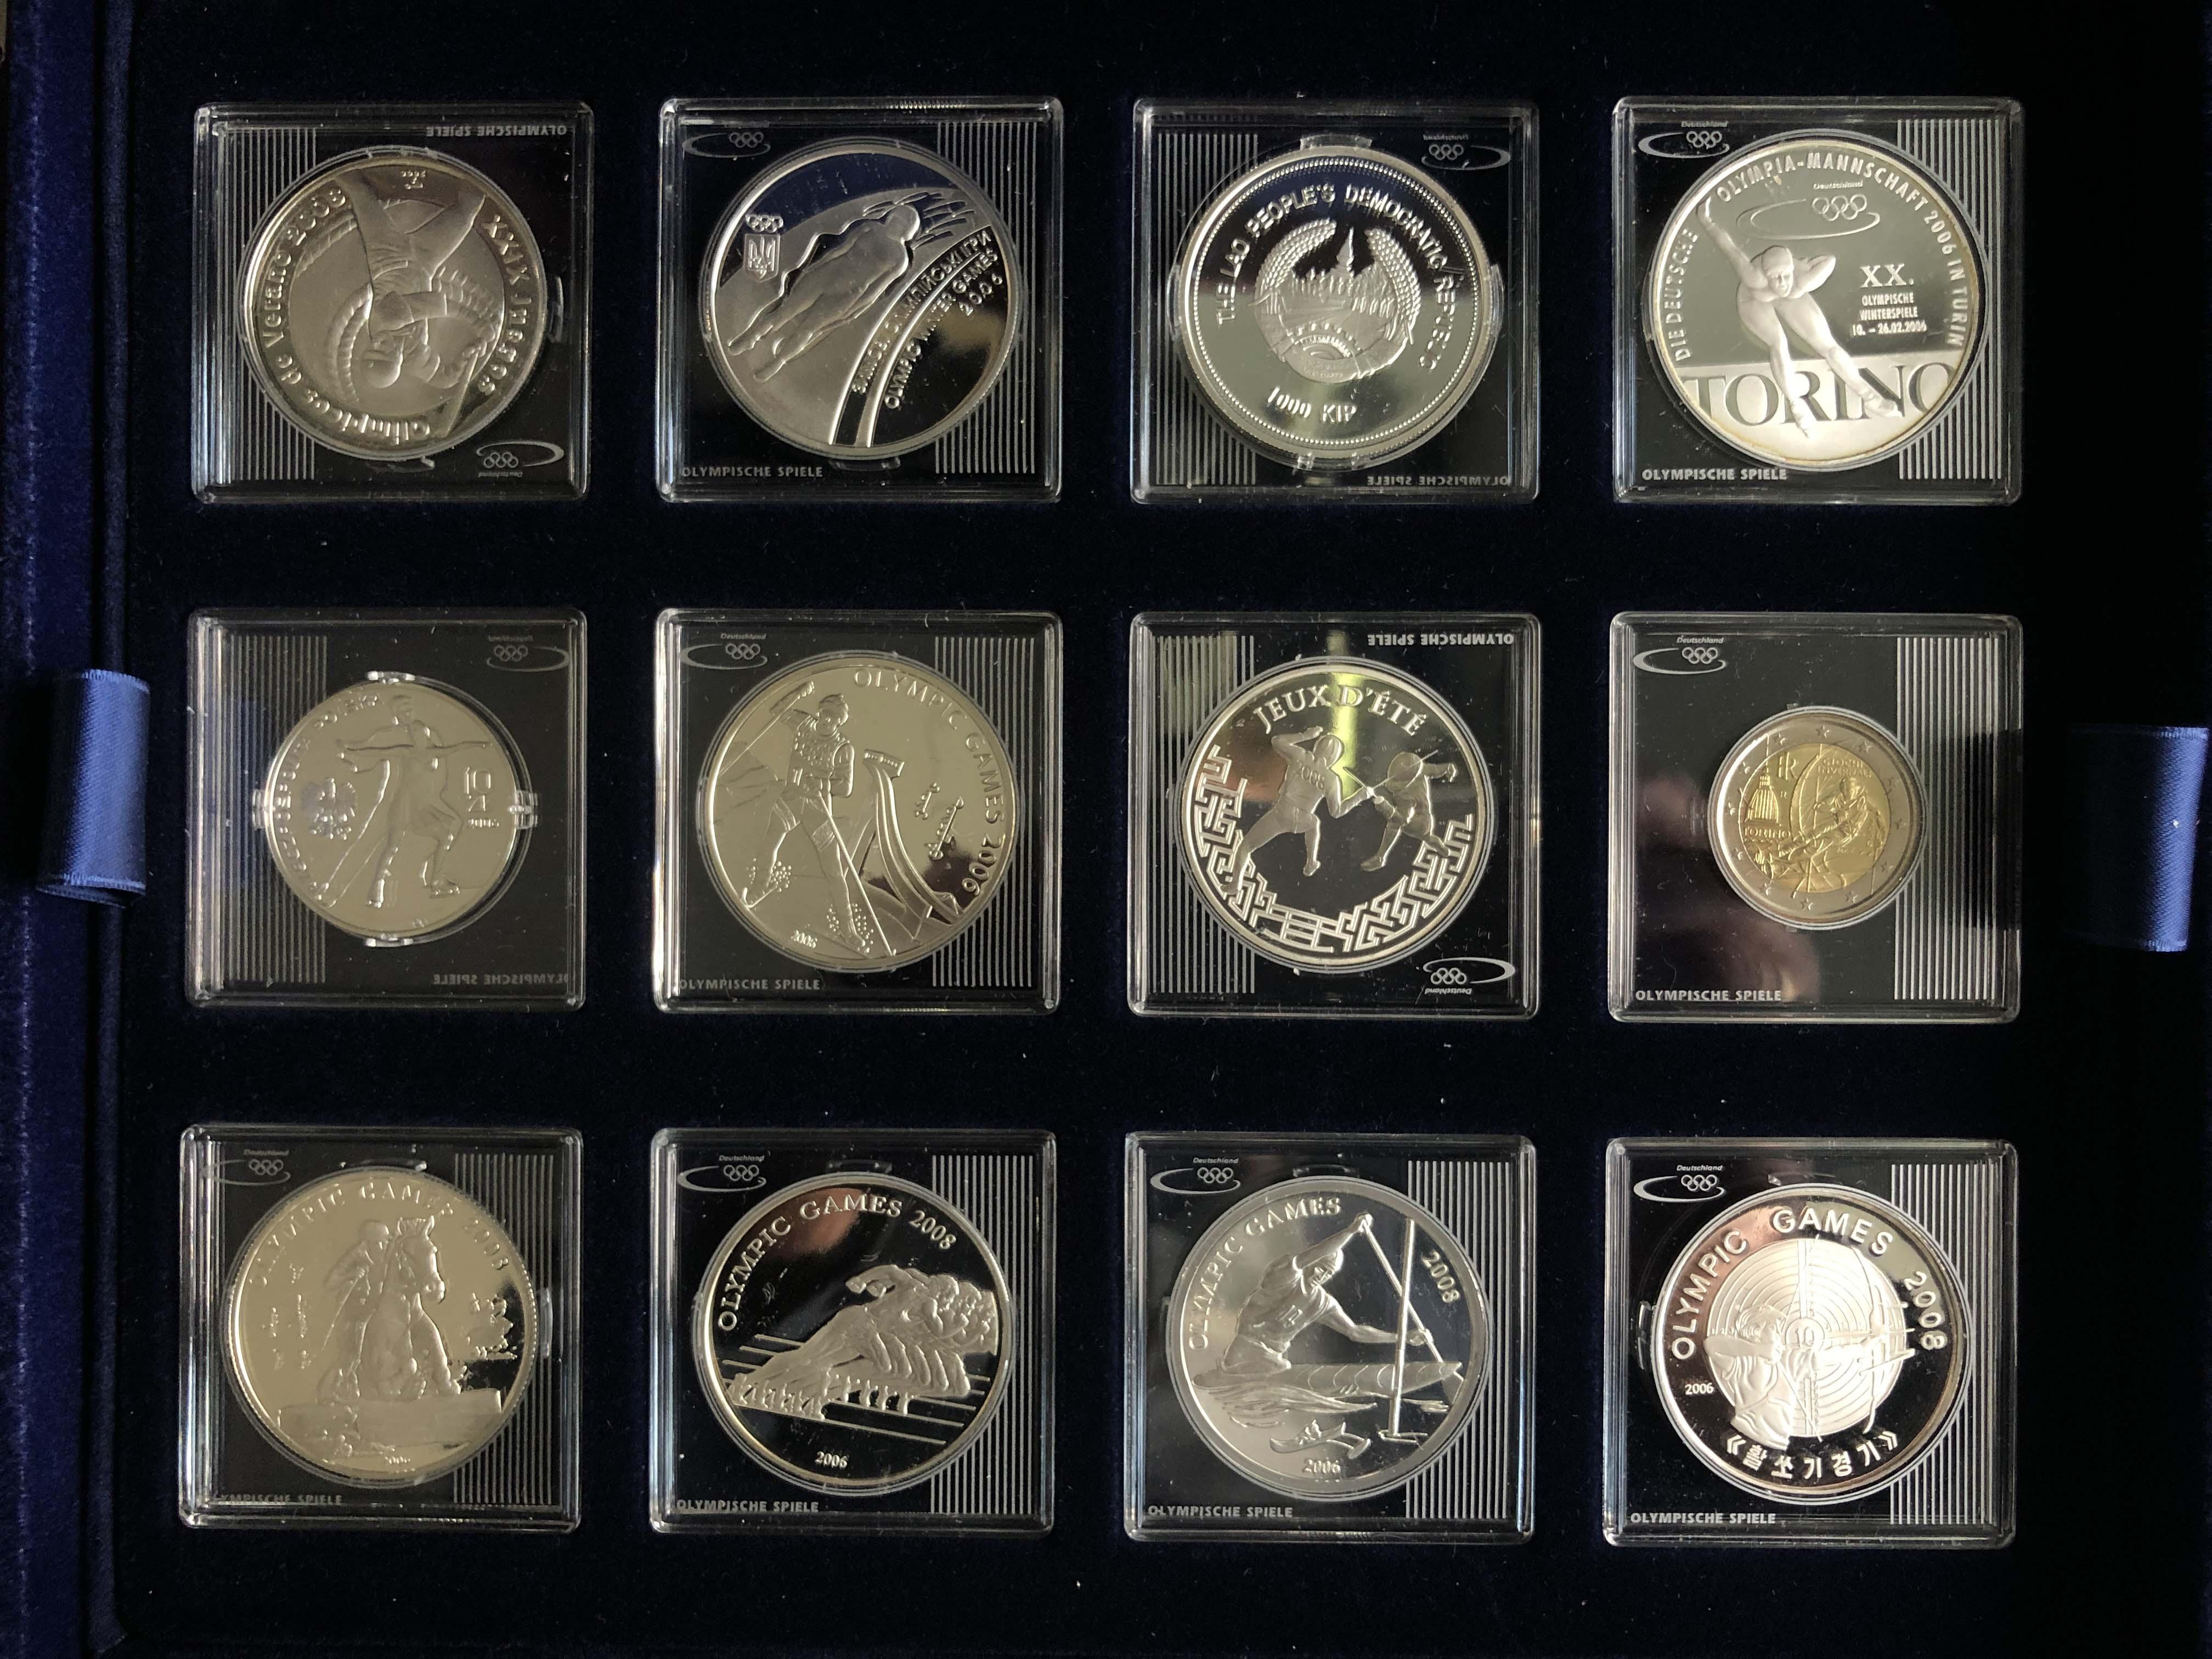 Lot 2652 - Sammlungen Thematik Olympische Spiele S -  Auktionshaus Ulrich Felzmann GmbH & Co. KG Auction 169